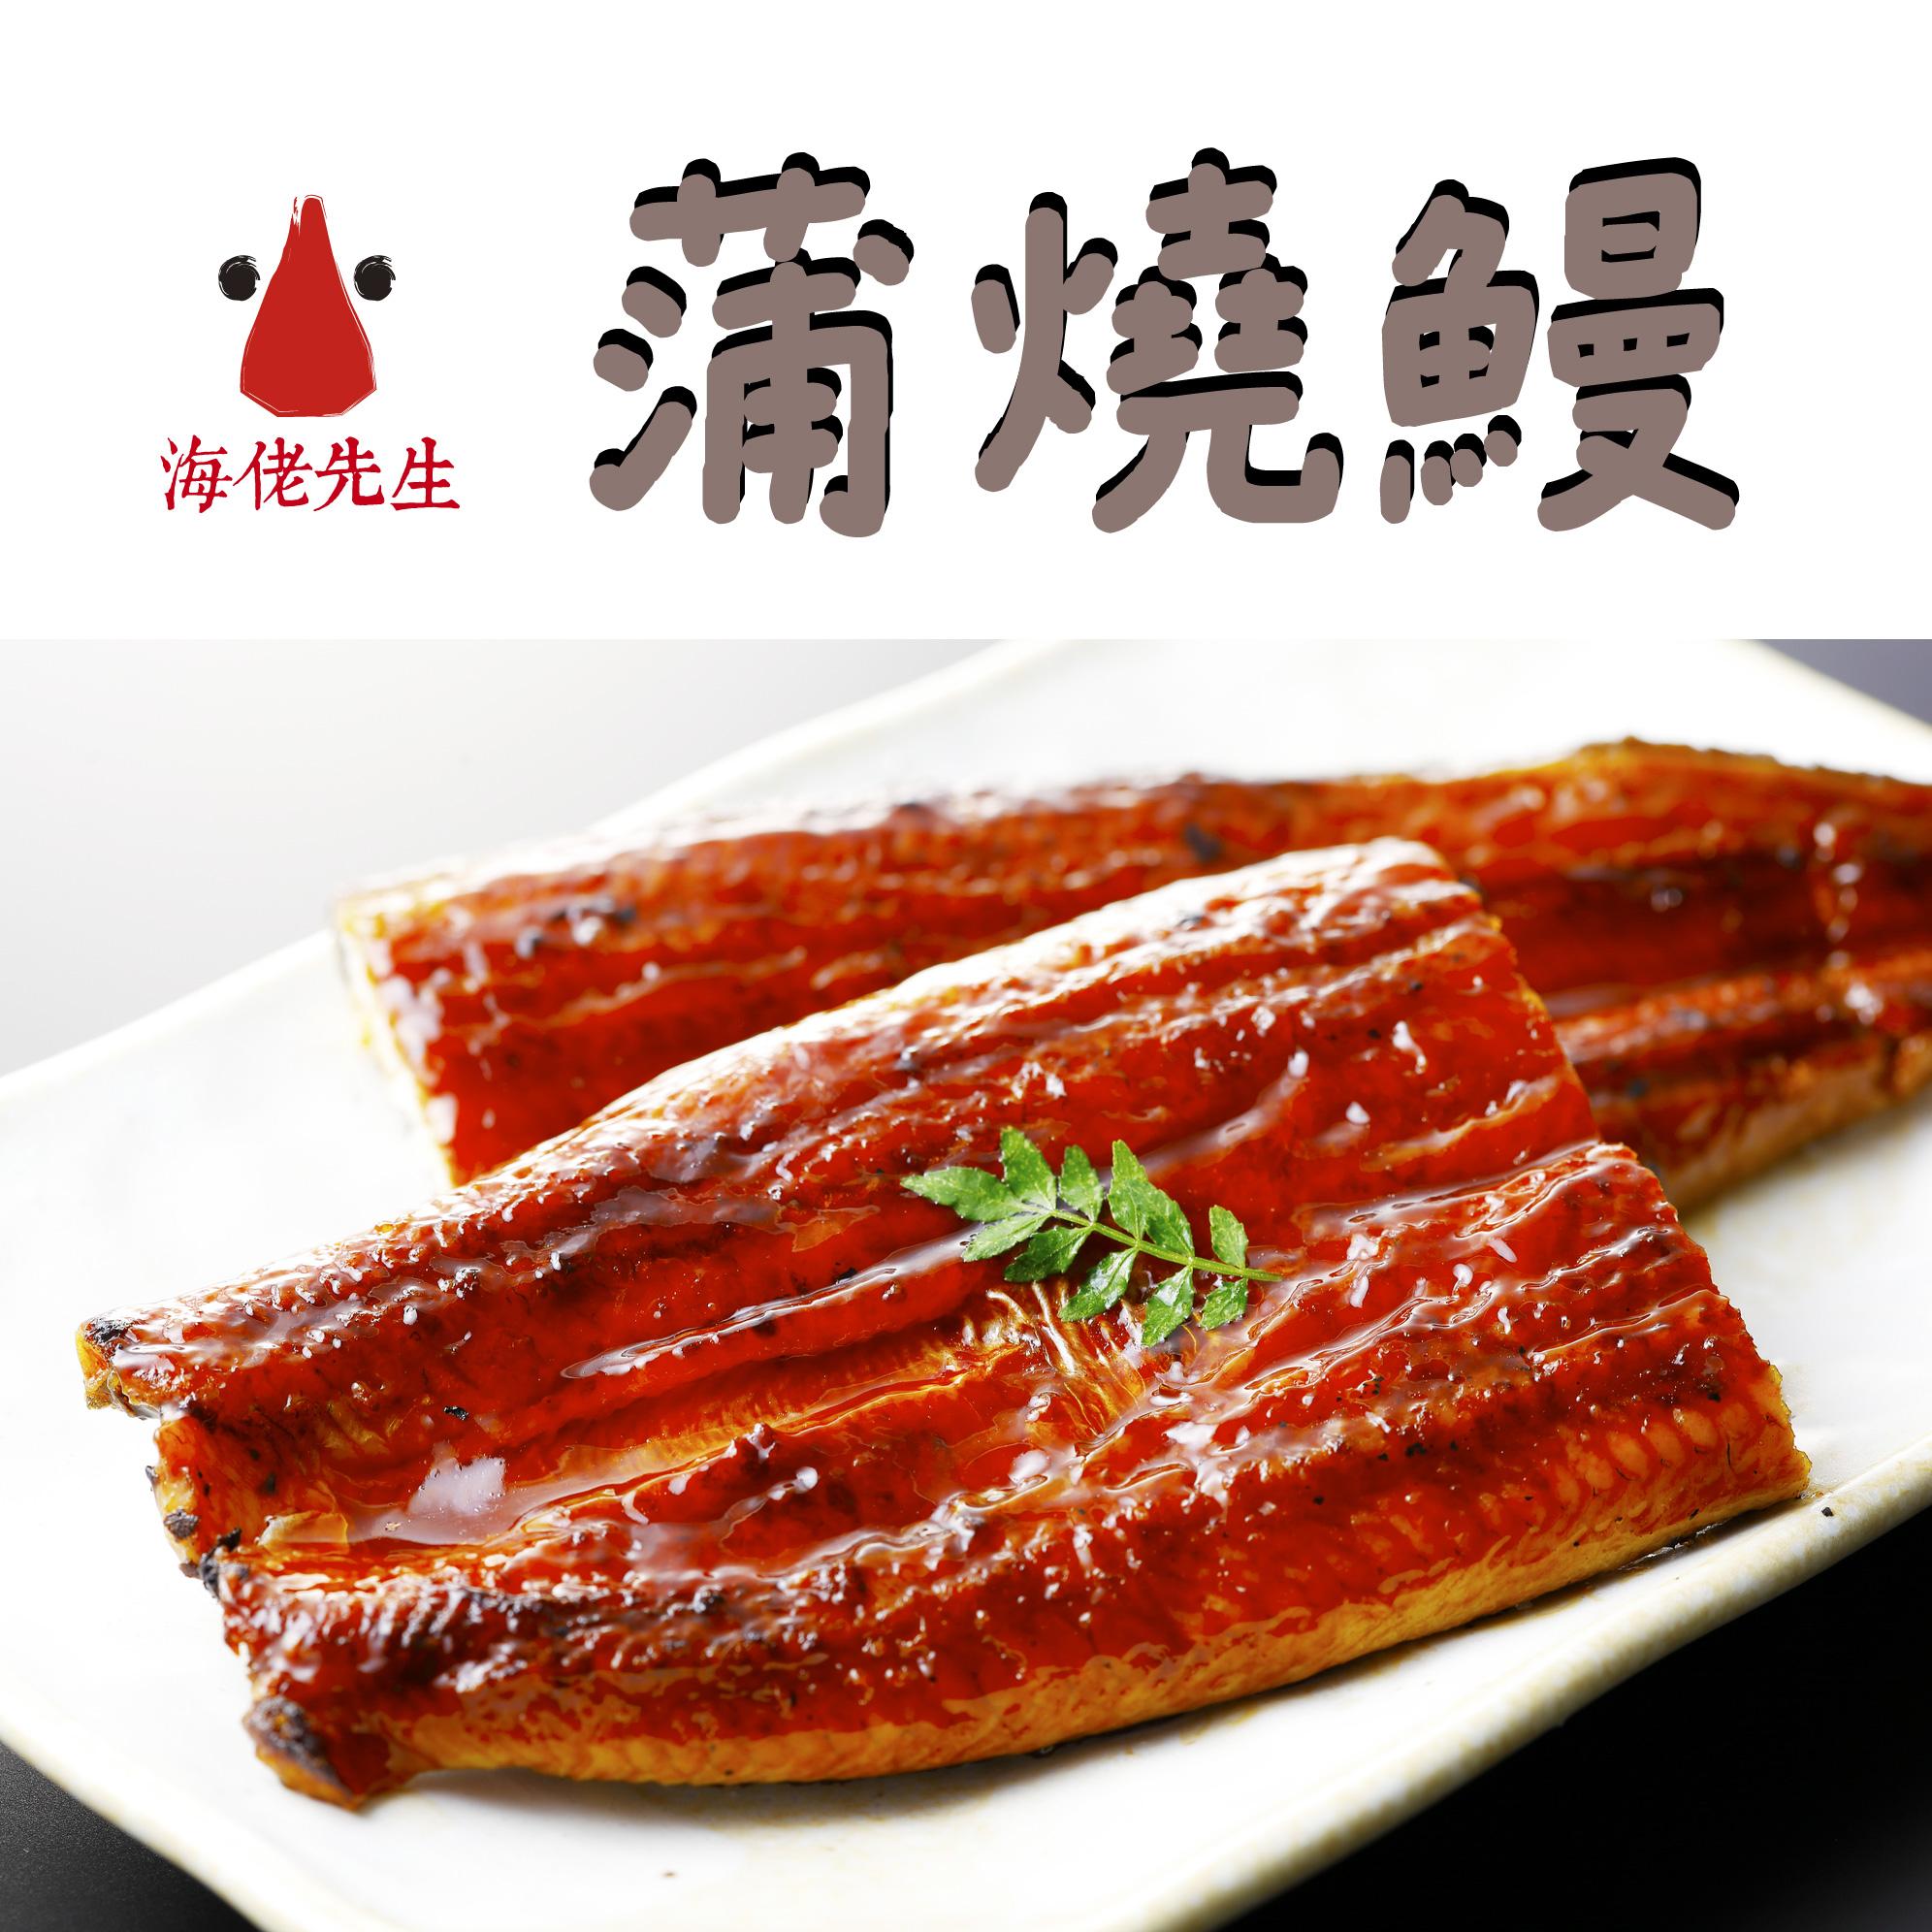 日式蒲燒鰻166g ★ 帝王級本產白鰻 ★ 出口日本規格等級